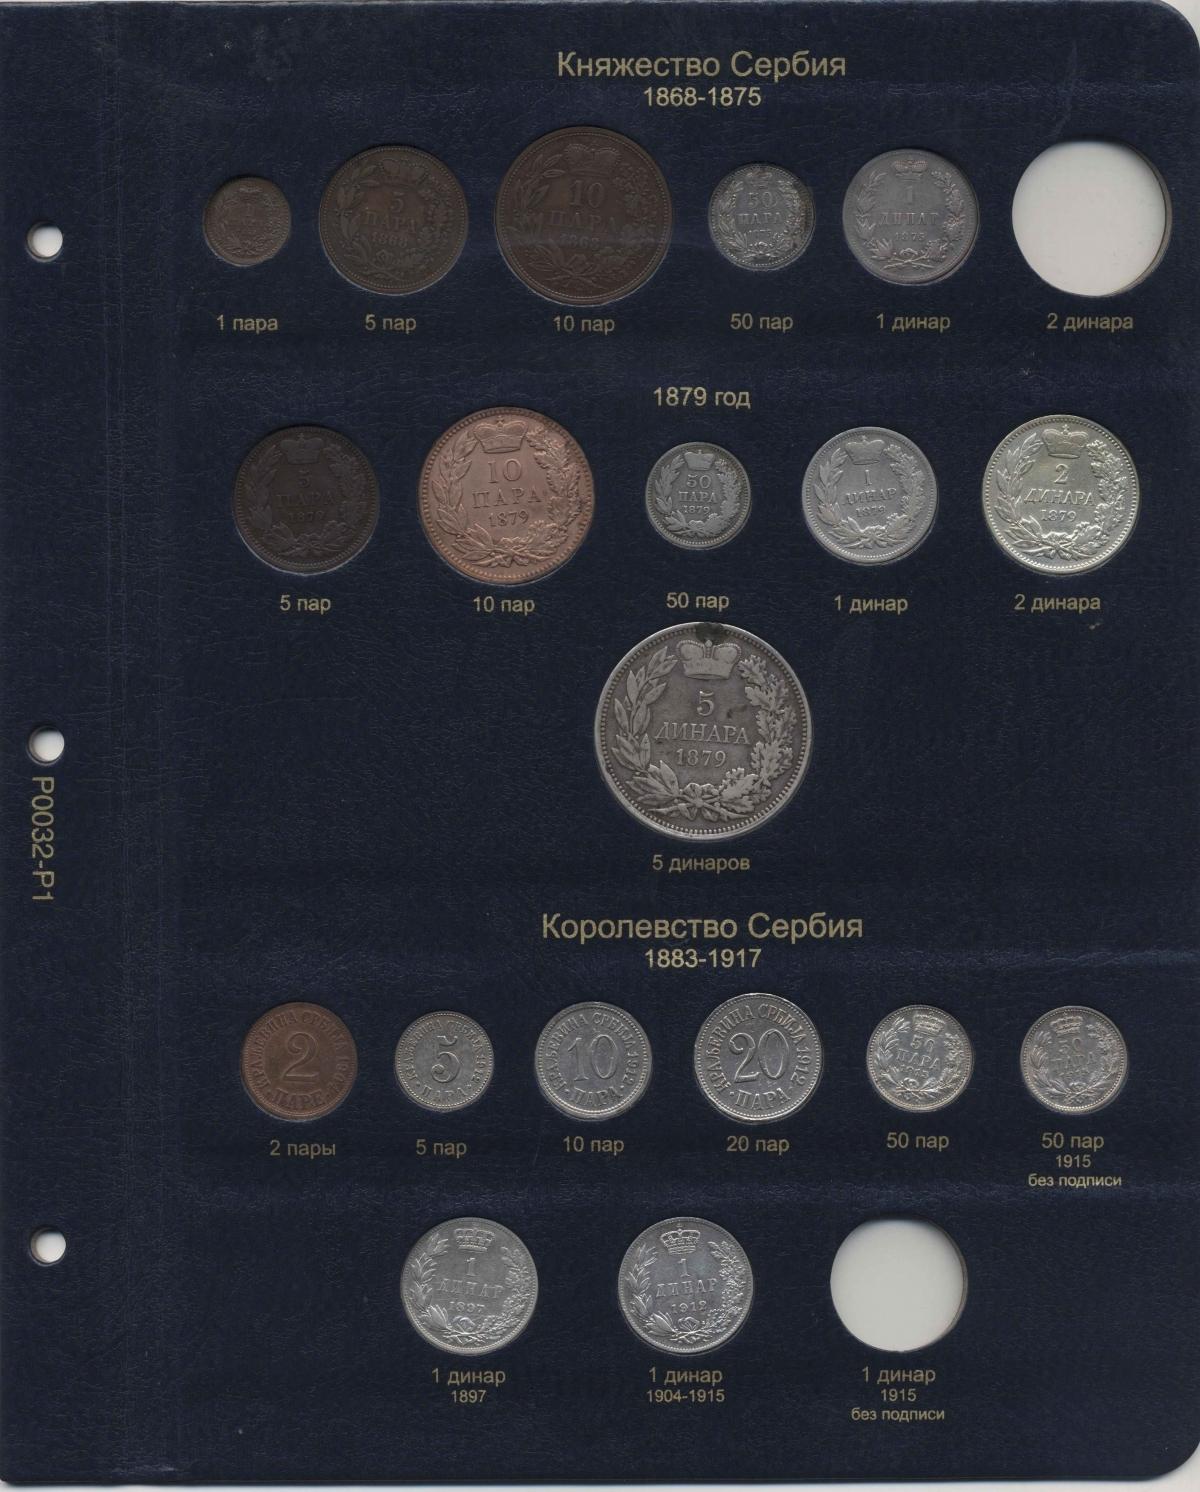 Комплект листов для монет княжеств Сербии и Черногории. Коллекционеръ